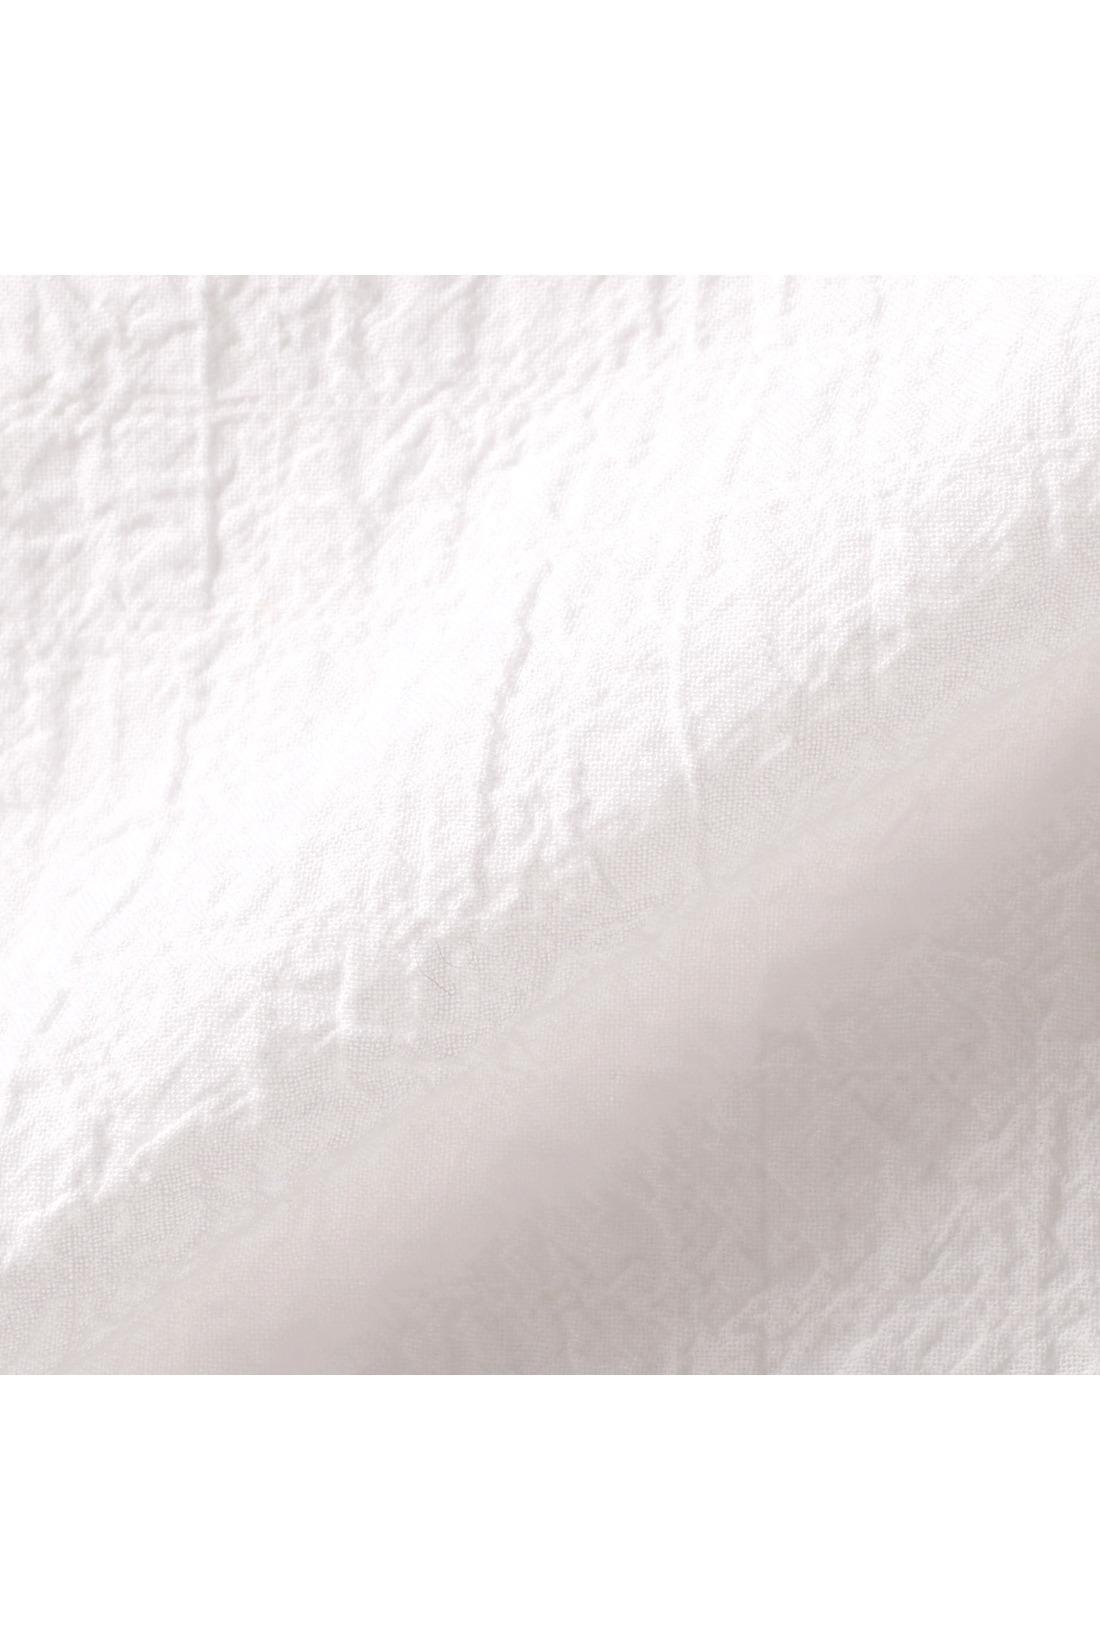 シャツ素材は軽やかな薄手のコットンにストレッチ糸を入れてぼこぼこした肌ざわりのいい表面感をつくりました。